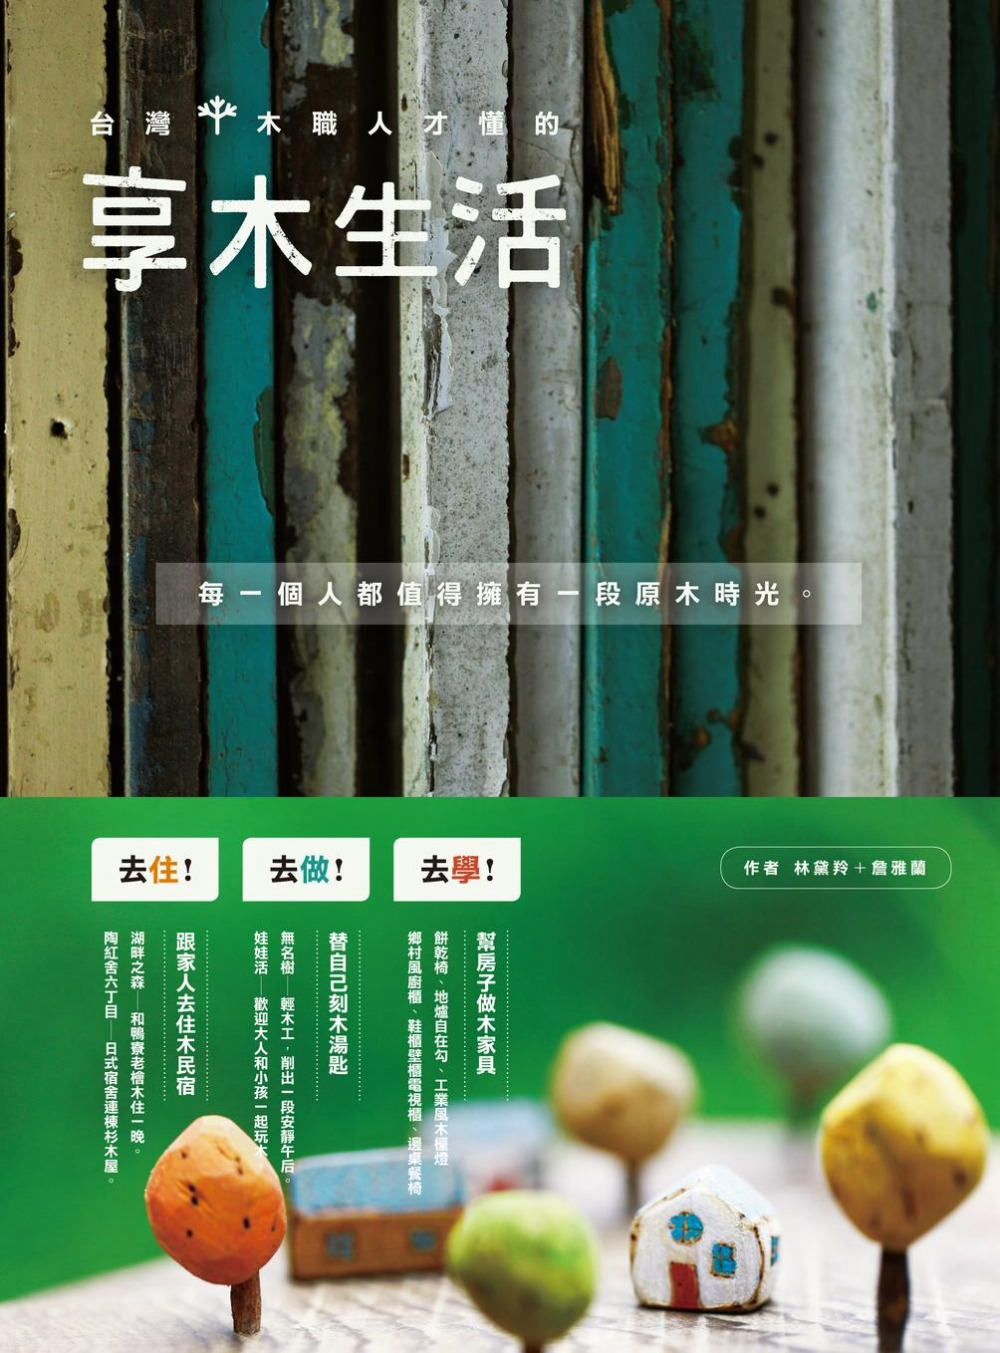 台灣木職人才懂的享木生活:去住、去做、去學!跟家人住木民宿、替自己做木湯匙、幫房子做木家具。